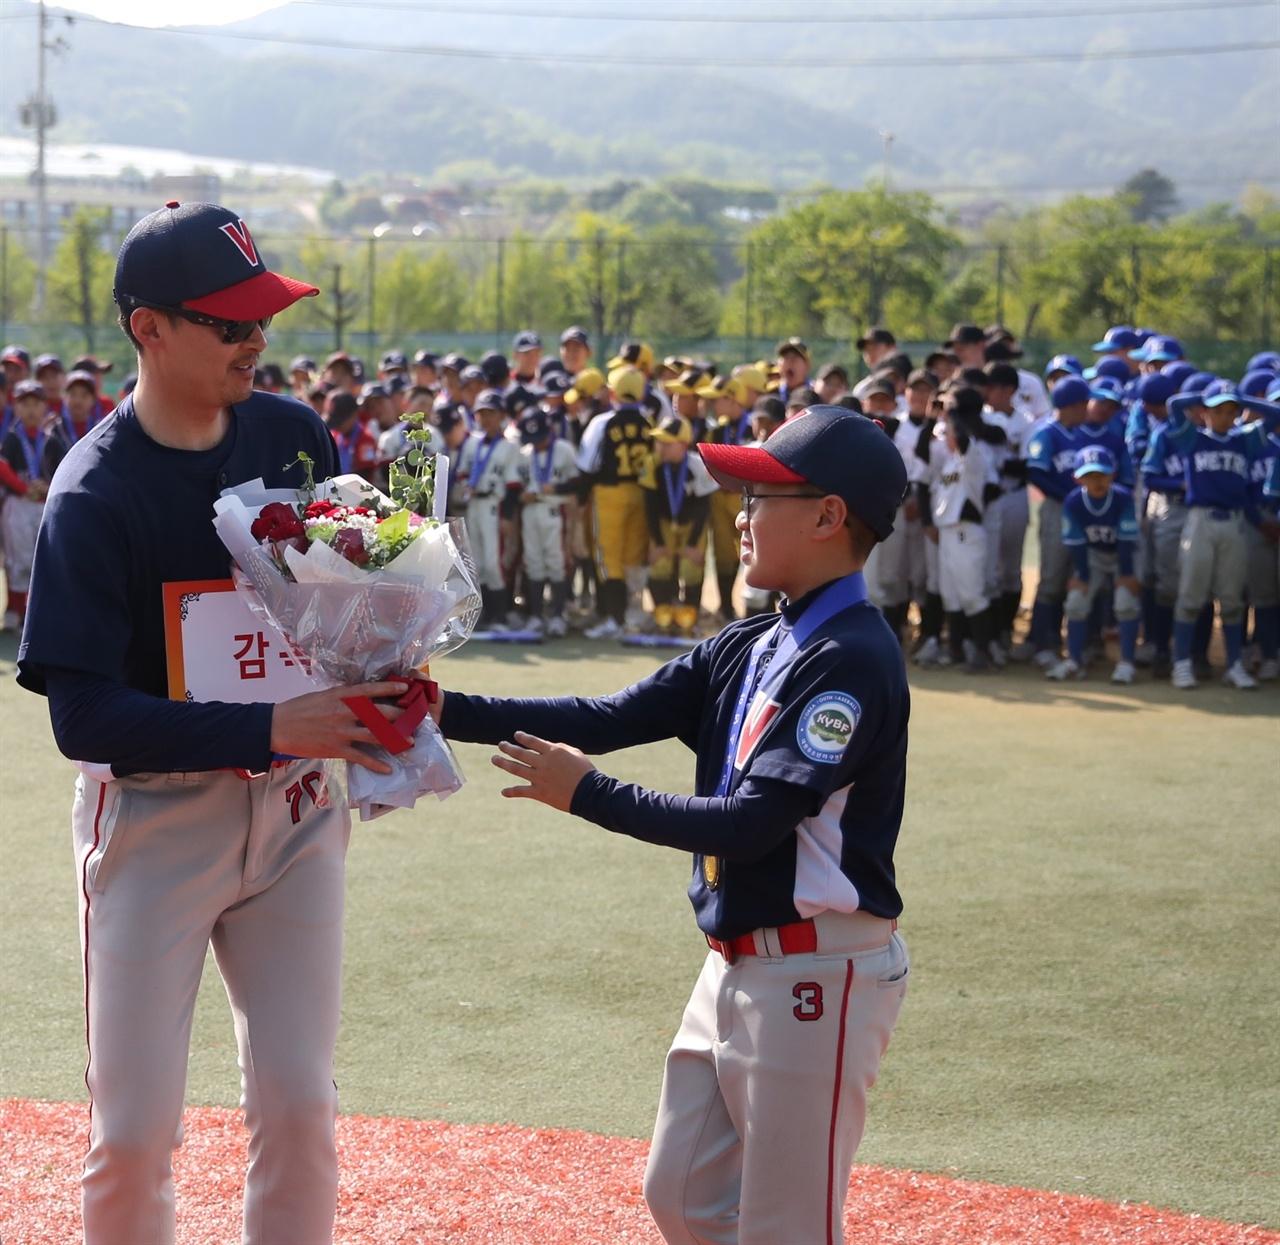 은평구VIP유소년야구단의 김성국 감독이 양구 전국유소년야구대회에서 감독상을 받으며 선수에게 꽃다발을 받고 있다.